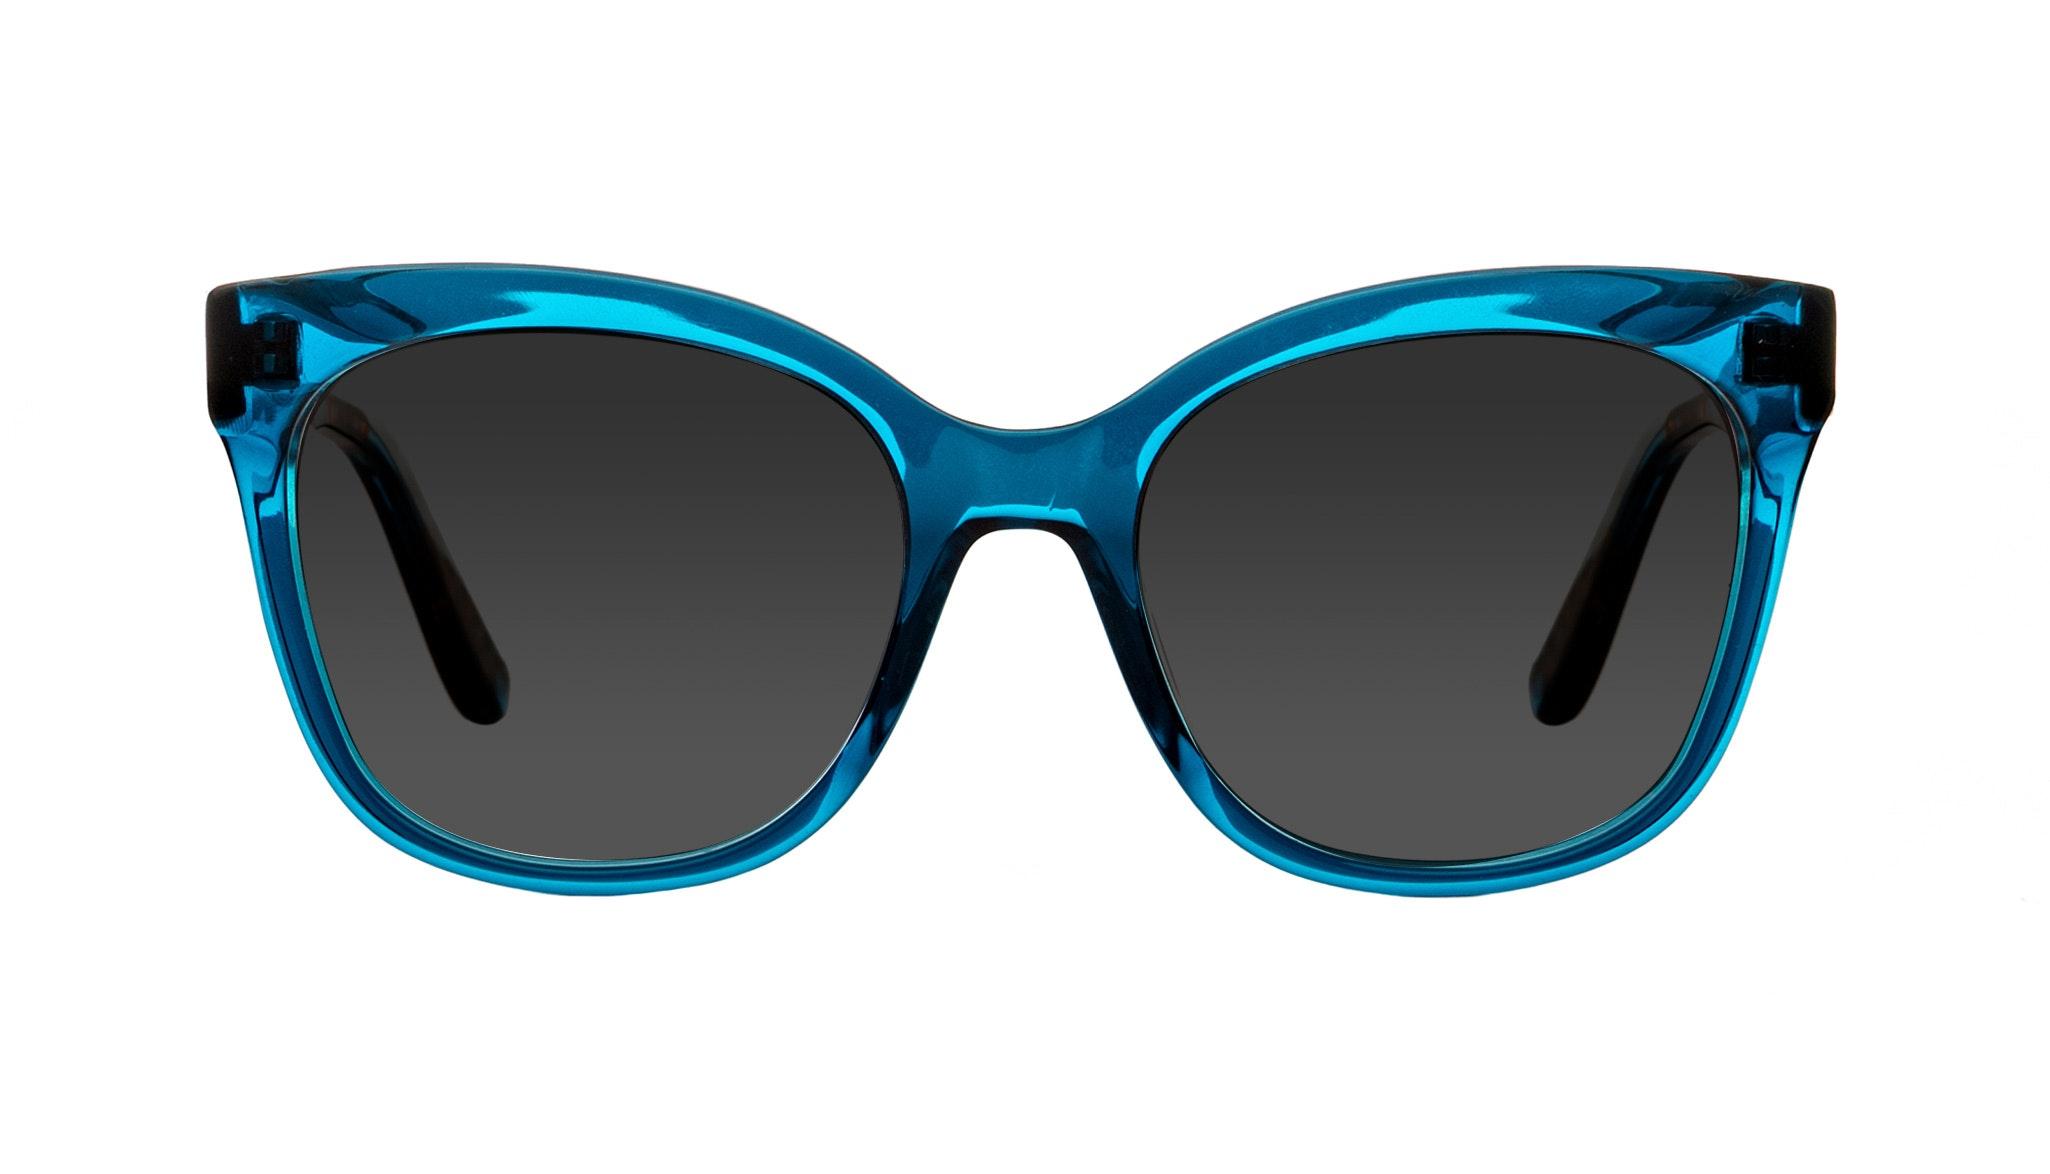 Lunettes tendance Rectangle Carrée Solaires Femmes Breezy Blue Wonder